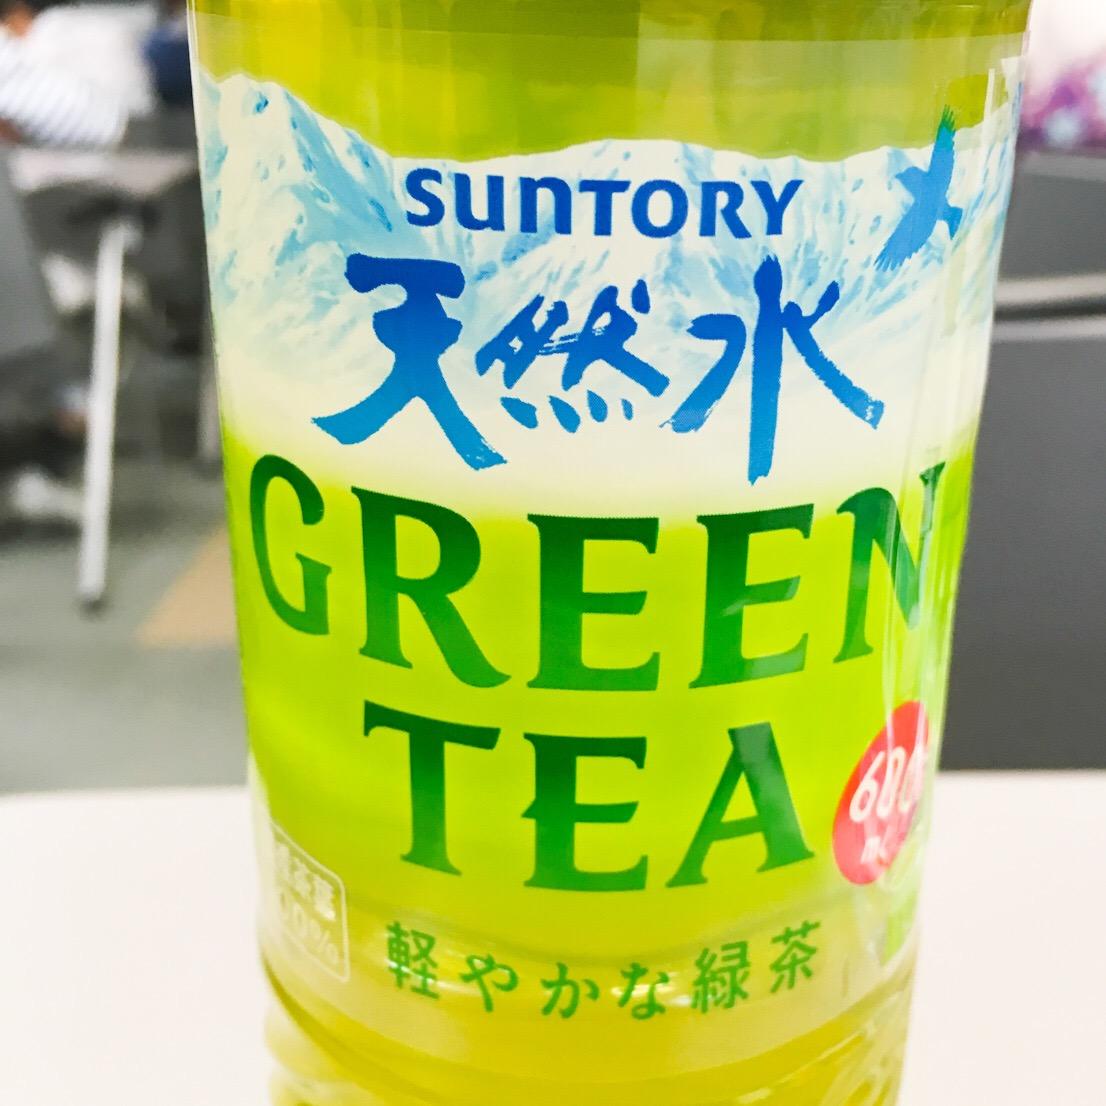 天然水のグリーンティは爽やかな飲み口で美味い!